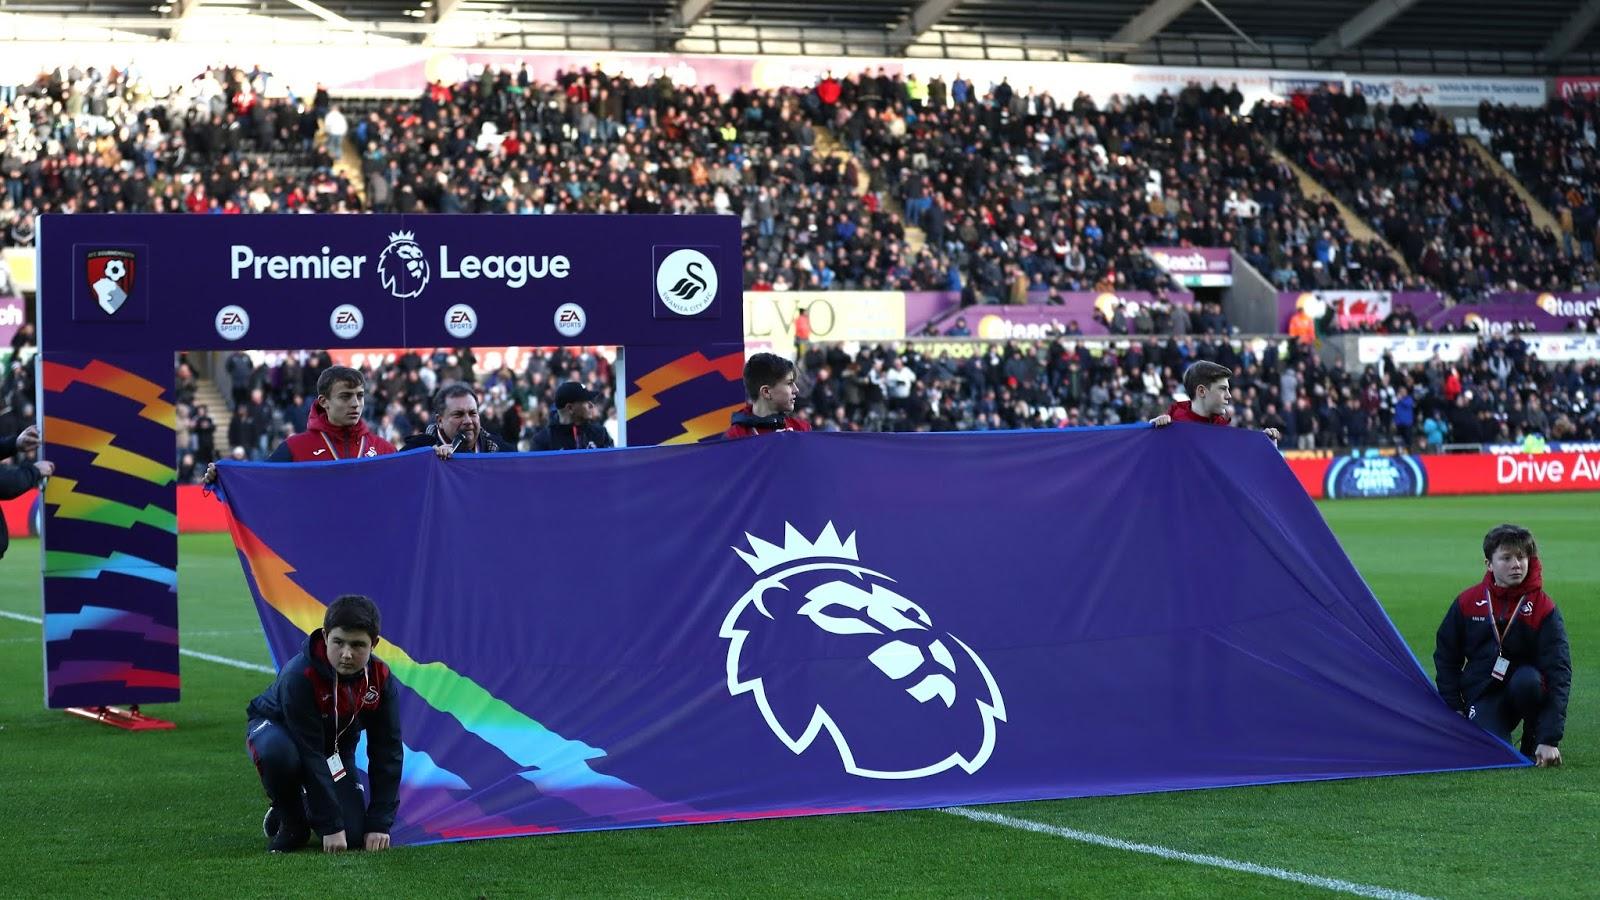 إقتراحات جديدة لعودة الدوري الانجليزي الممتاز